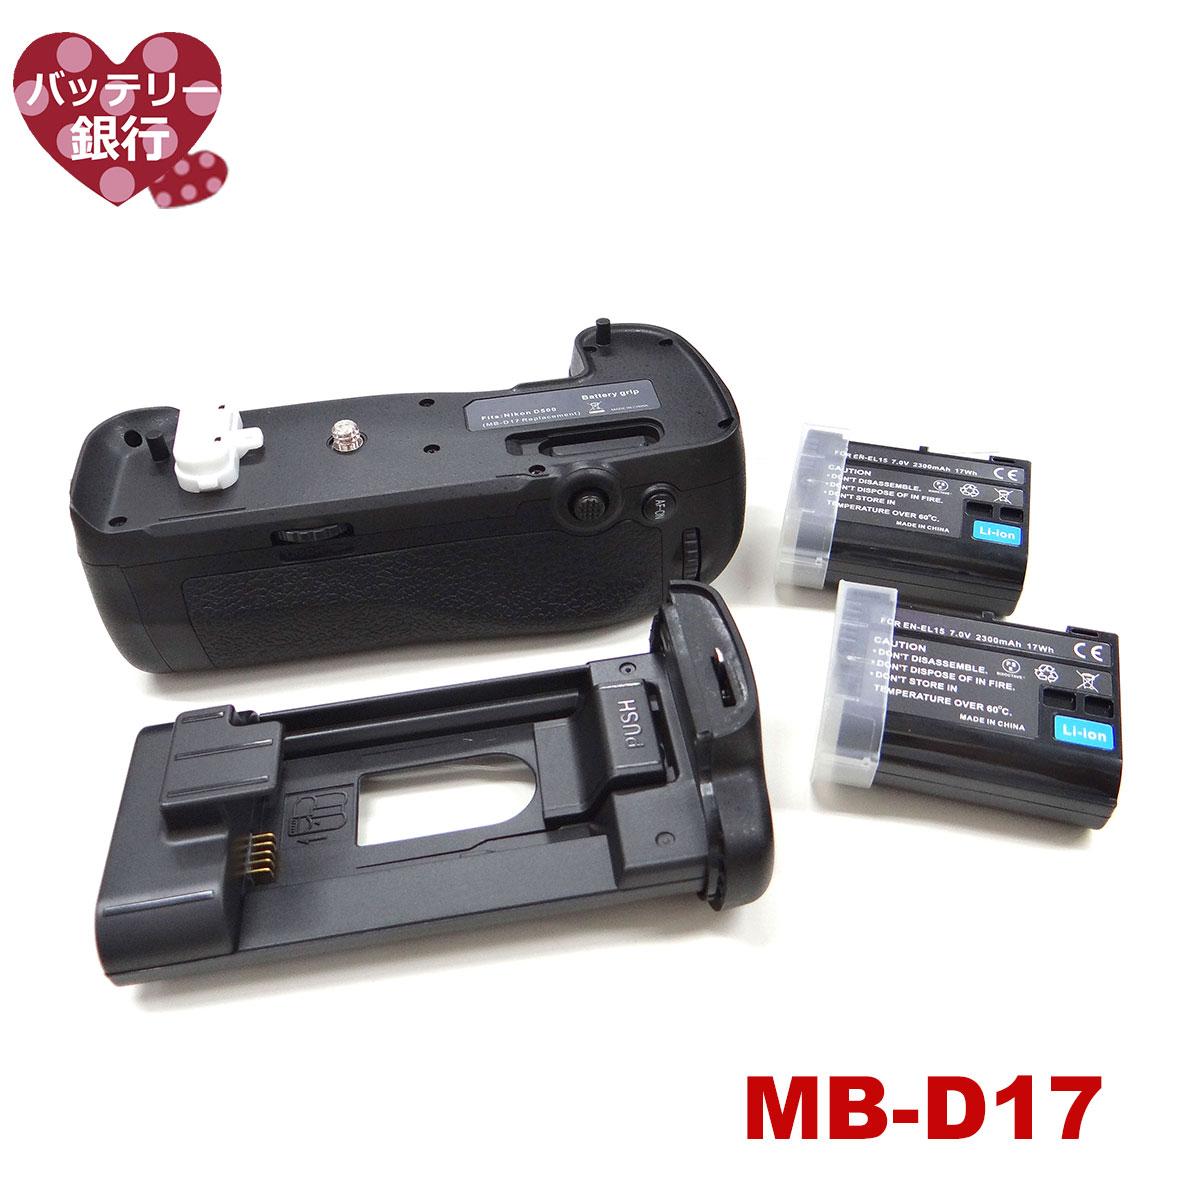 【あす楽対応送料無料】 Nikon ニコン MB-D17 マルチパワーバッテリーグリップ 互換品 とEN-EL15互換バッテリーパック 2個のセット / Nikon デジタル一眼レフカメラ D500 対応